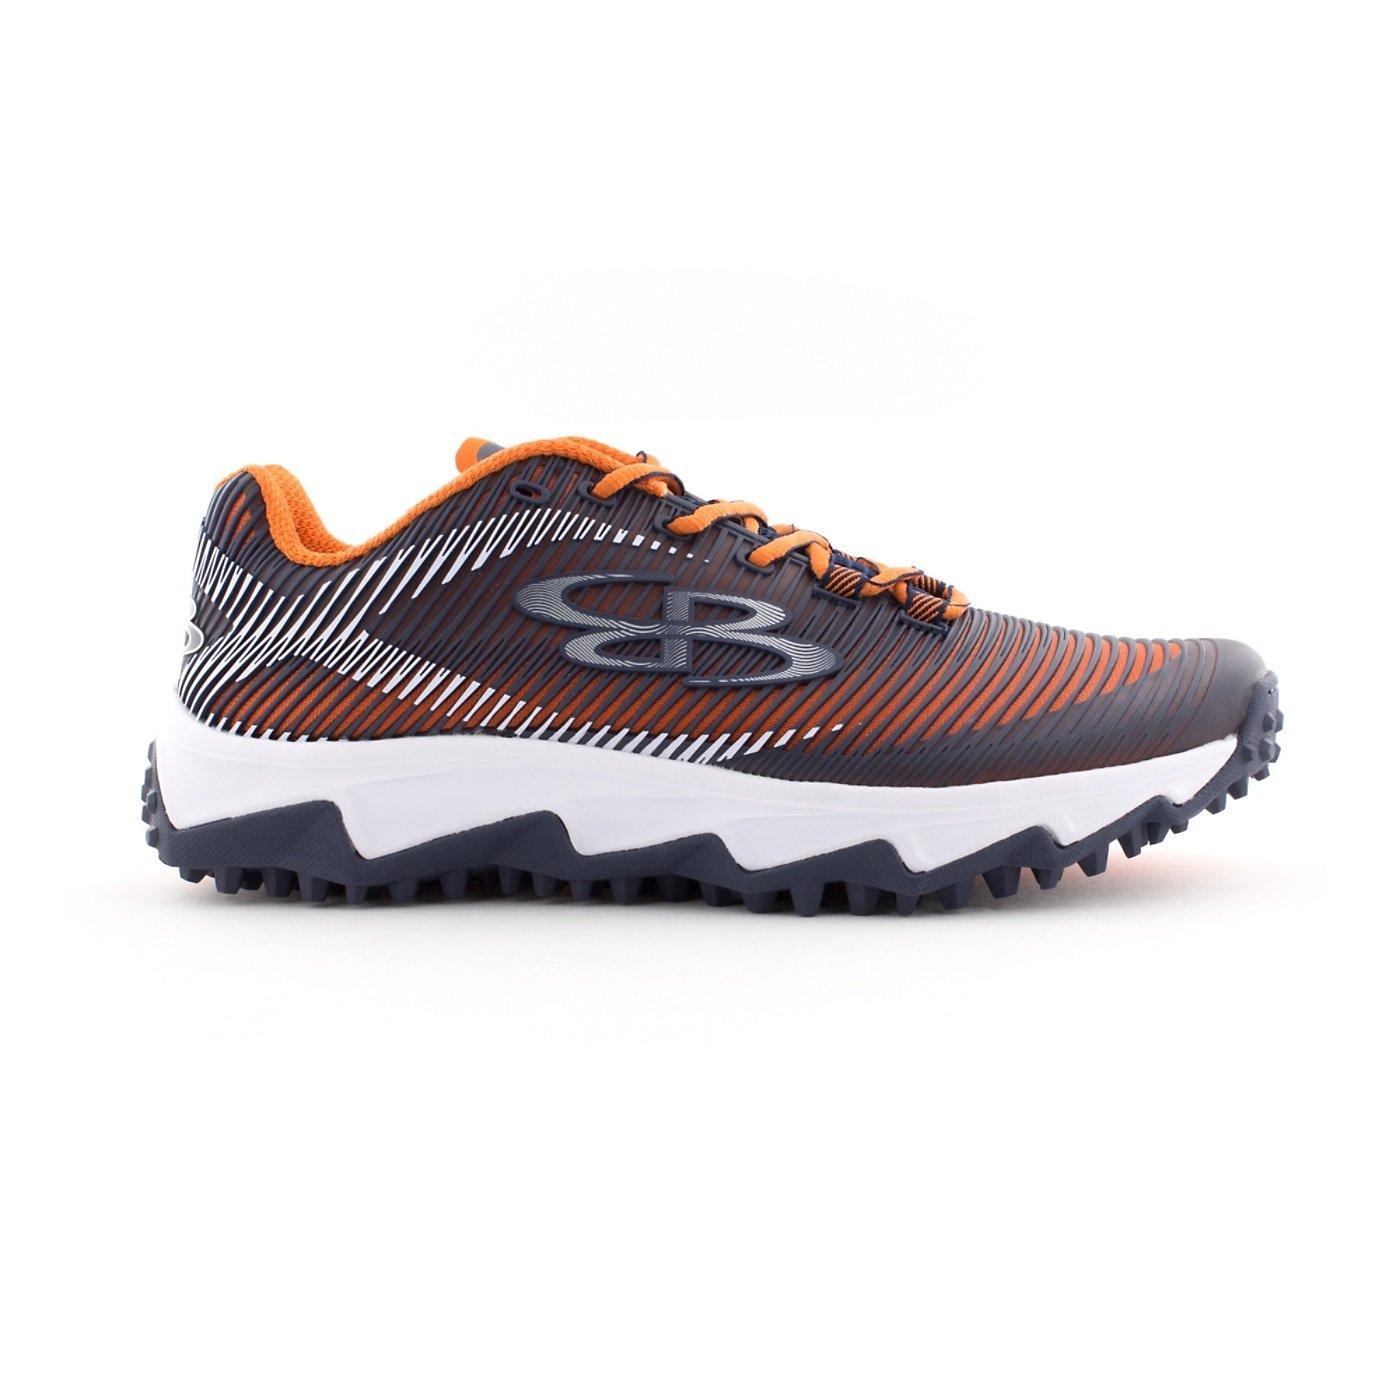 BoombahメンズAftershock DPS Turf Shoes – 18カラーオプション – 複数のサイズÉ B0767QXXWQ 8|ネイビー/オレンジ ネイビー/オレンジ 8